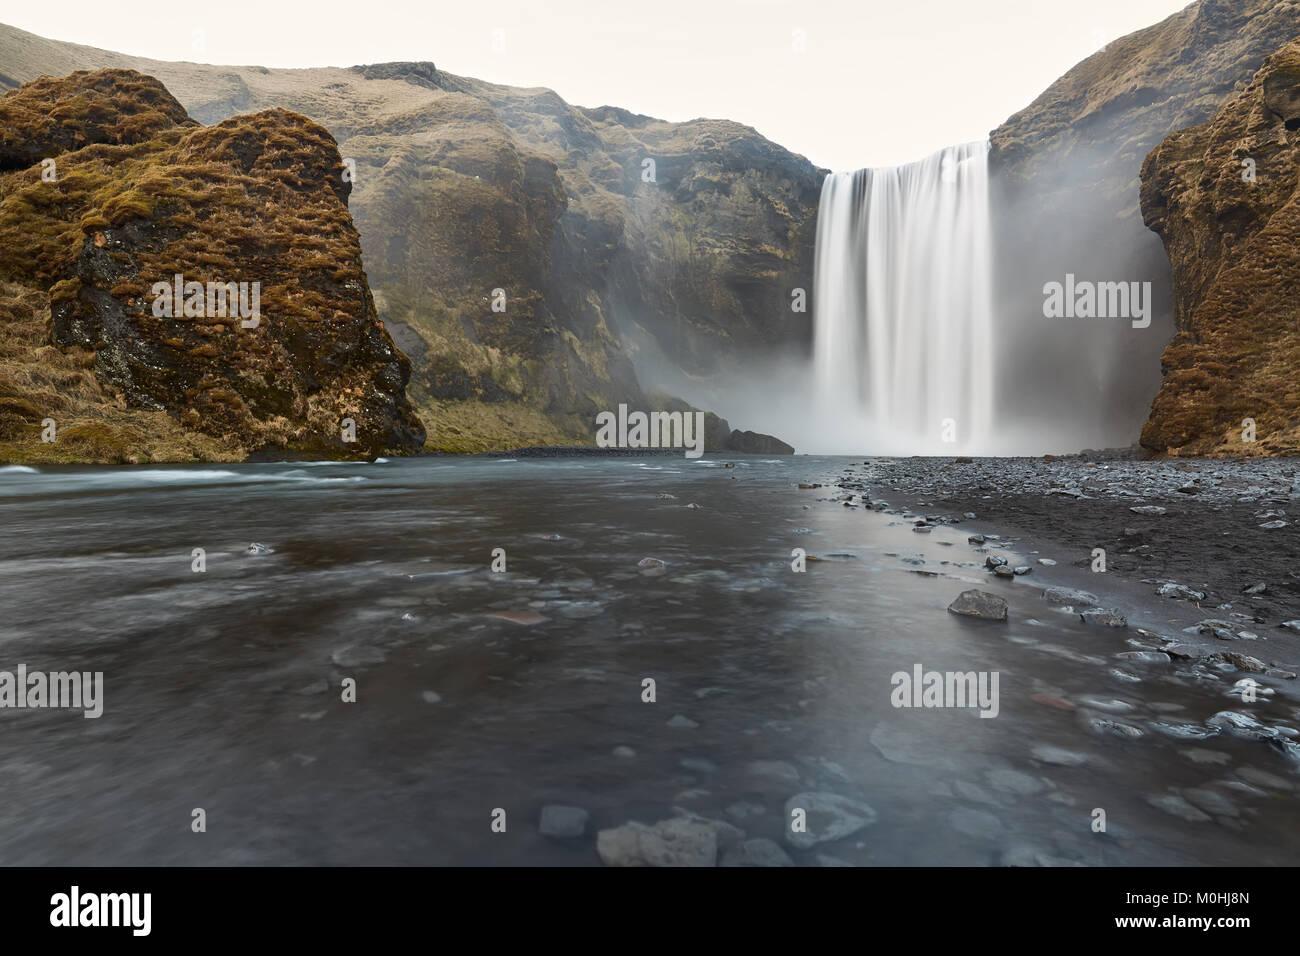 Paisaje islandés de cascada Imagen De Stock